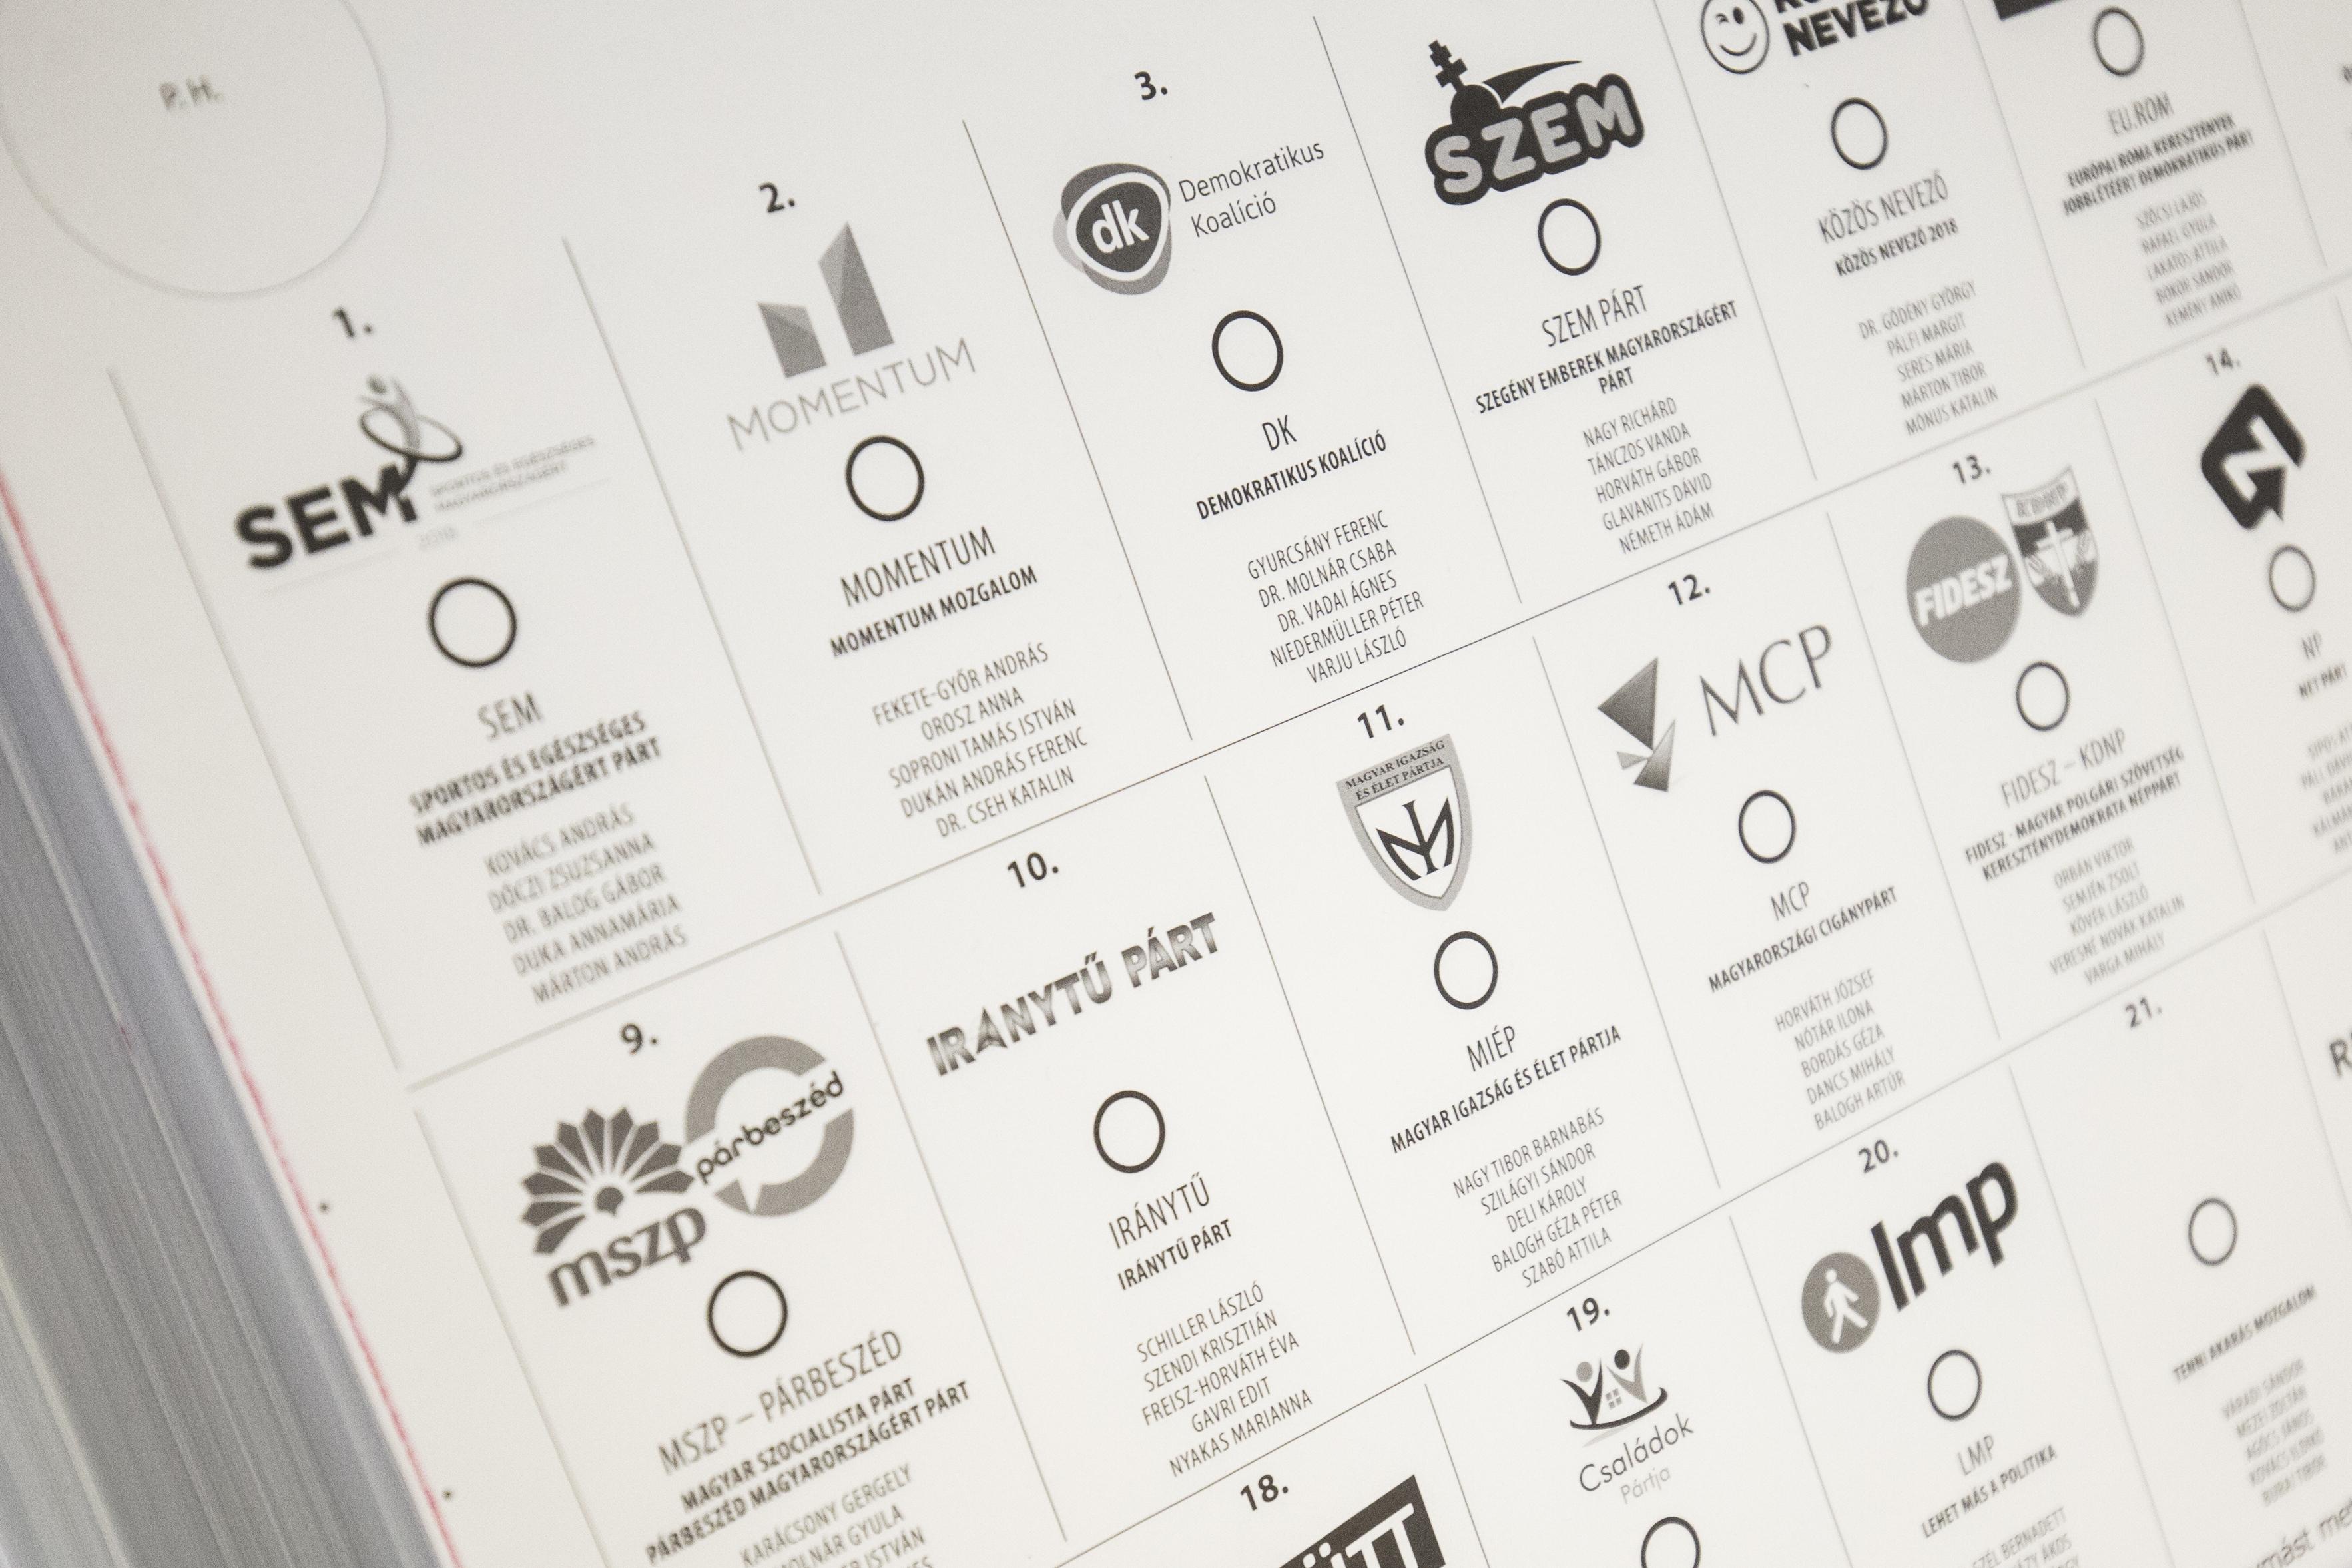 Sok helyen egyszerűen eltűntek az ellenzéki pártok listás szavazatai az urnákból